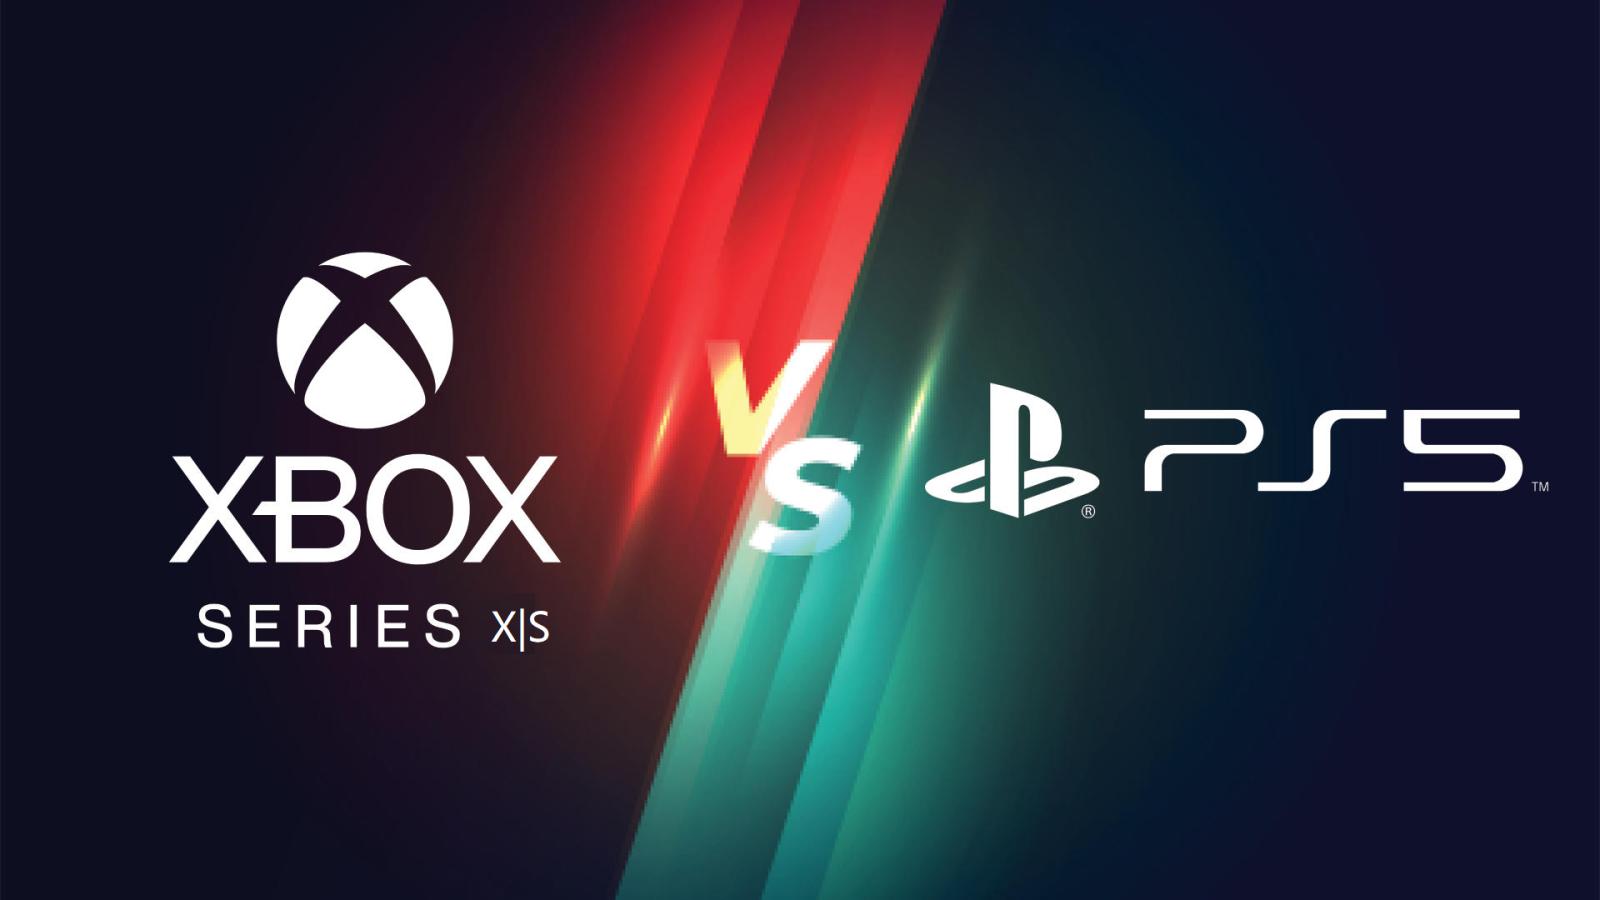 Finbold公布自家汇编数据:PS5销量达860万台,Xbox Series X S销量为512万台